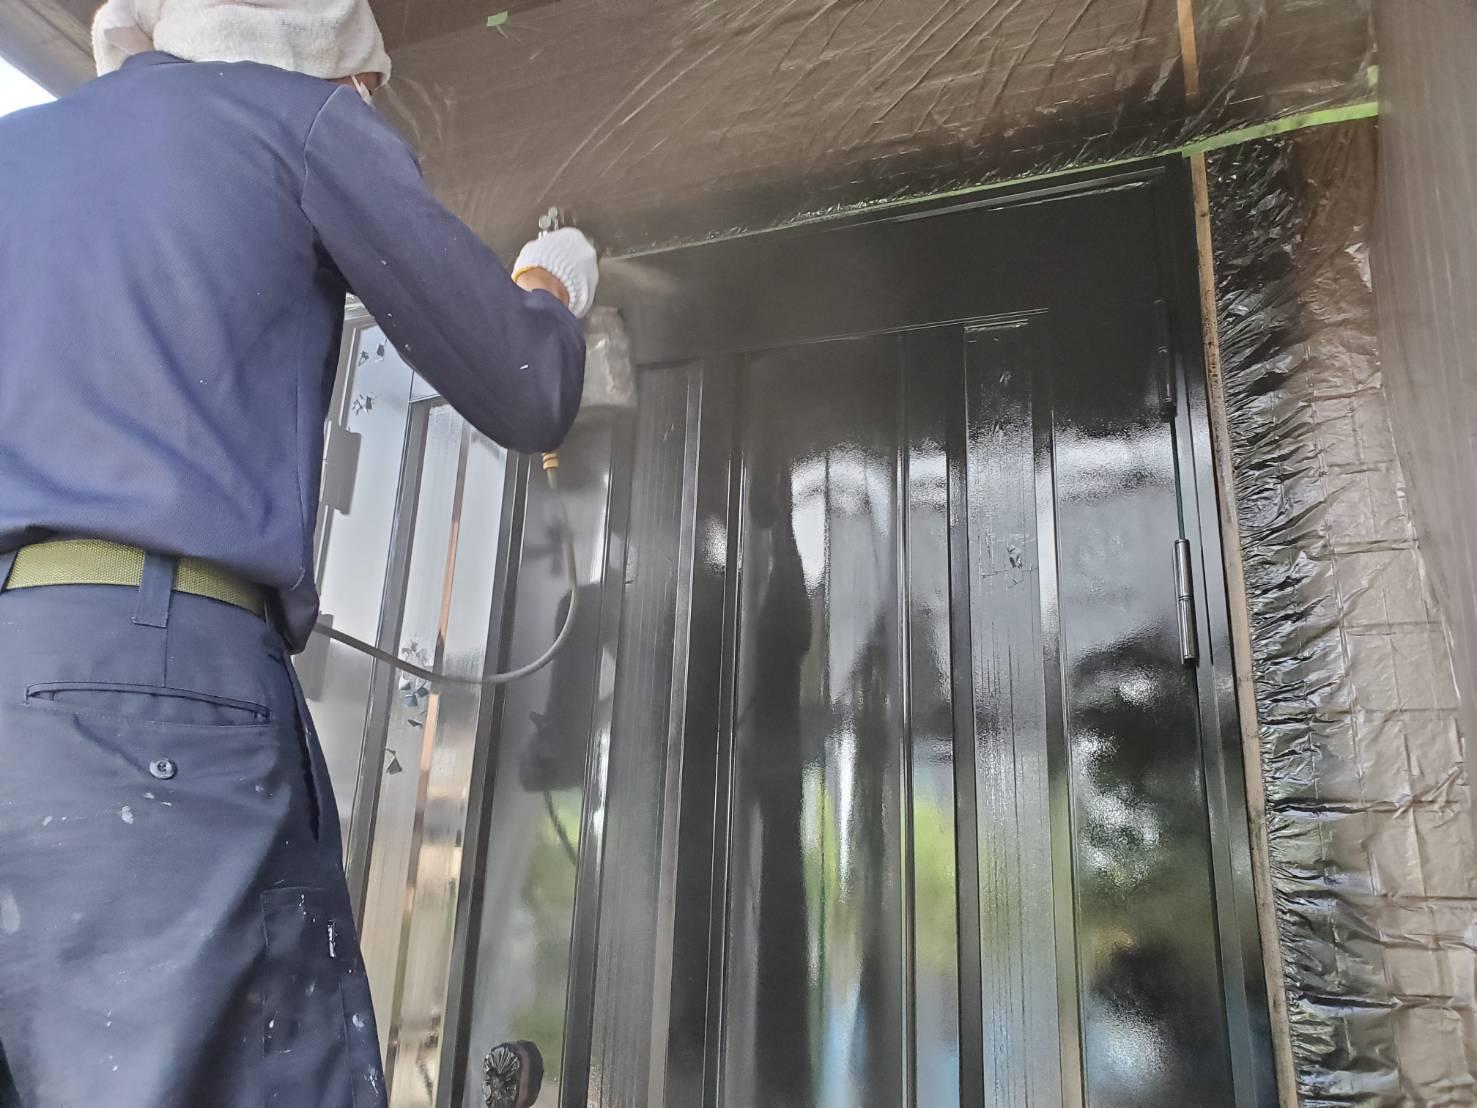 佐賀市 塗るばい サニケン さにけん 外壁塗装 屋根塗装 塗装